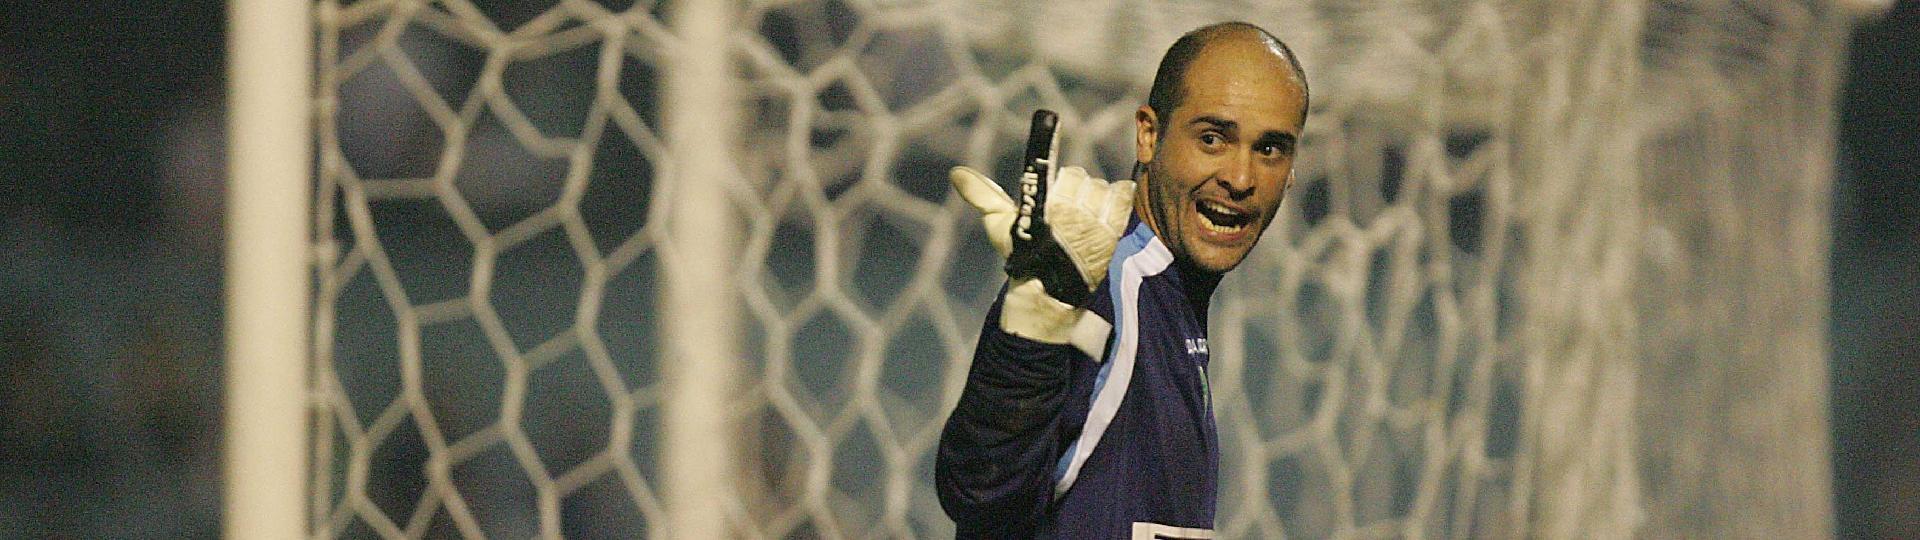 Goleiro Marcos reclama da arbritragem durante jogo Palmeiras X Sao Paulo pela Copa Libertadores da America, no estadio Parque Antartica (maio de 2005)